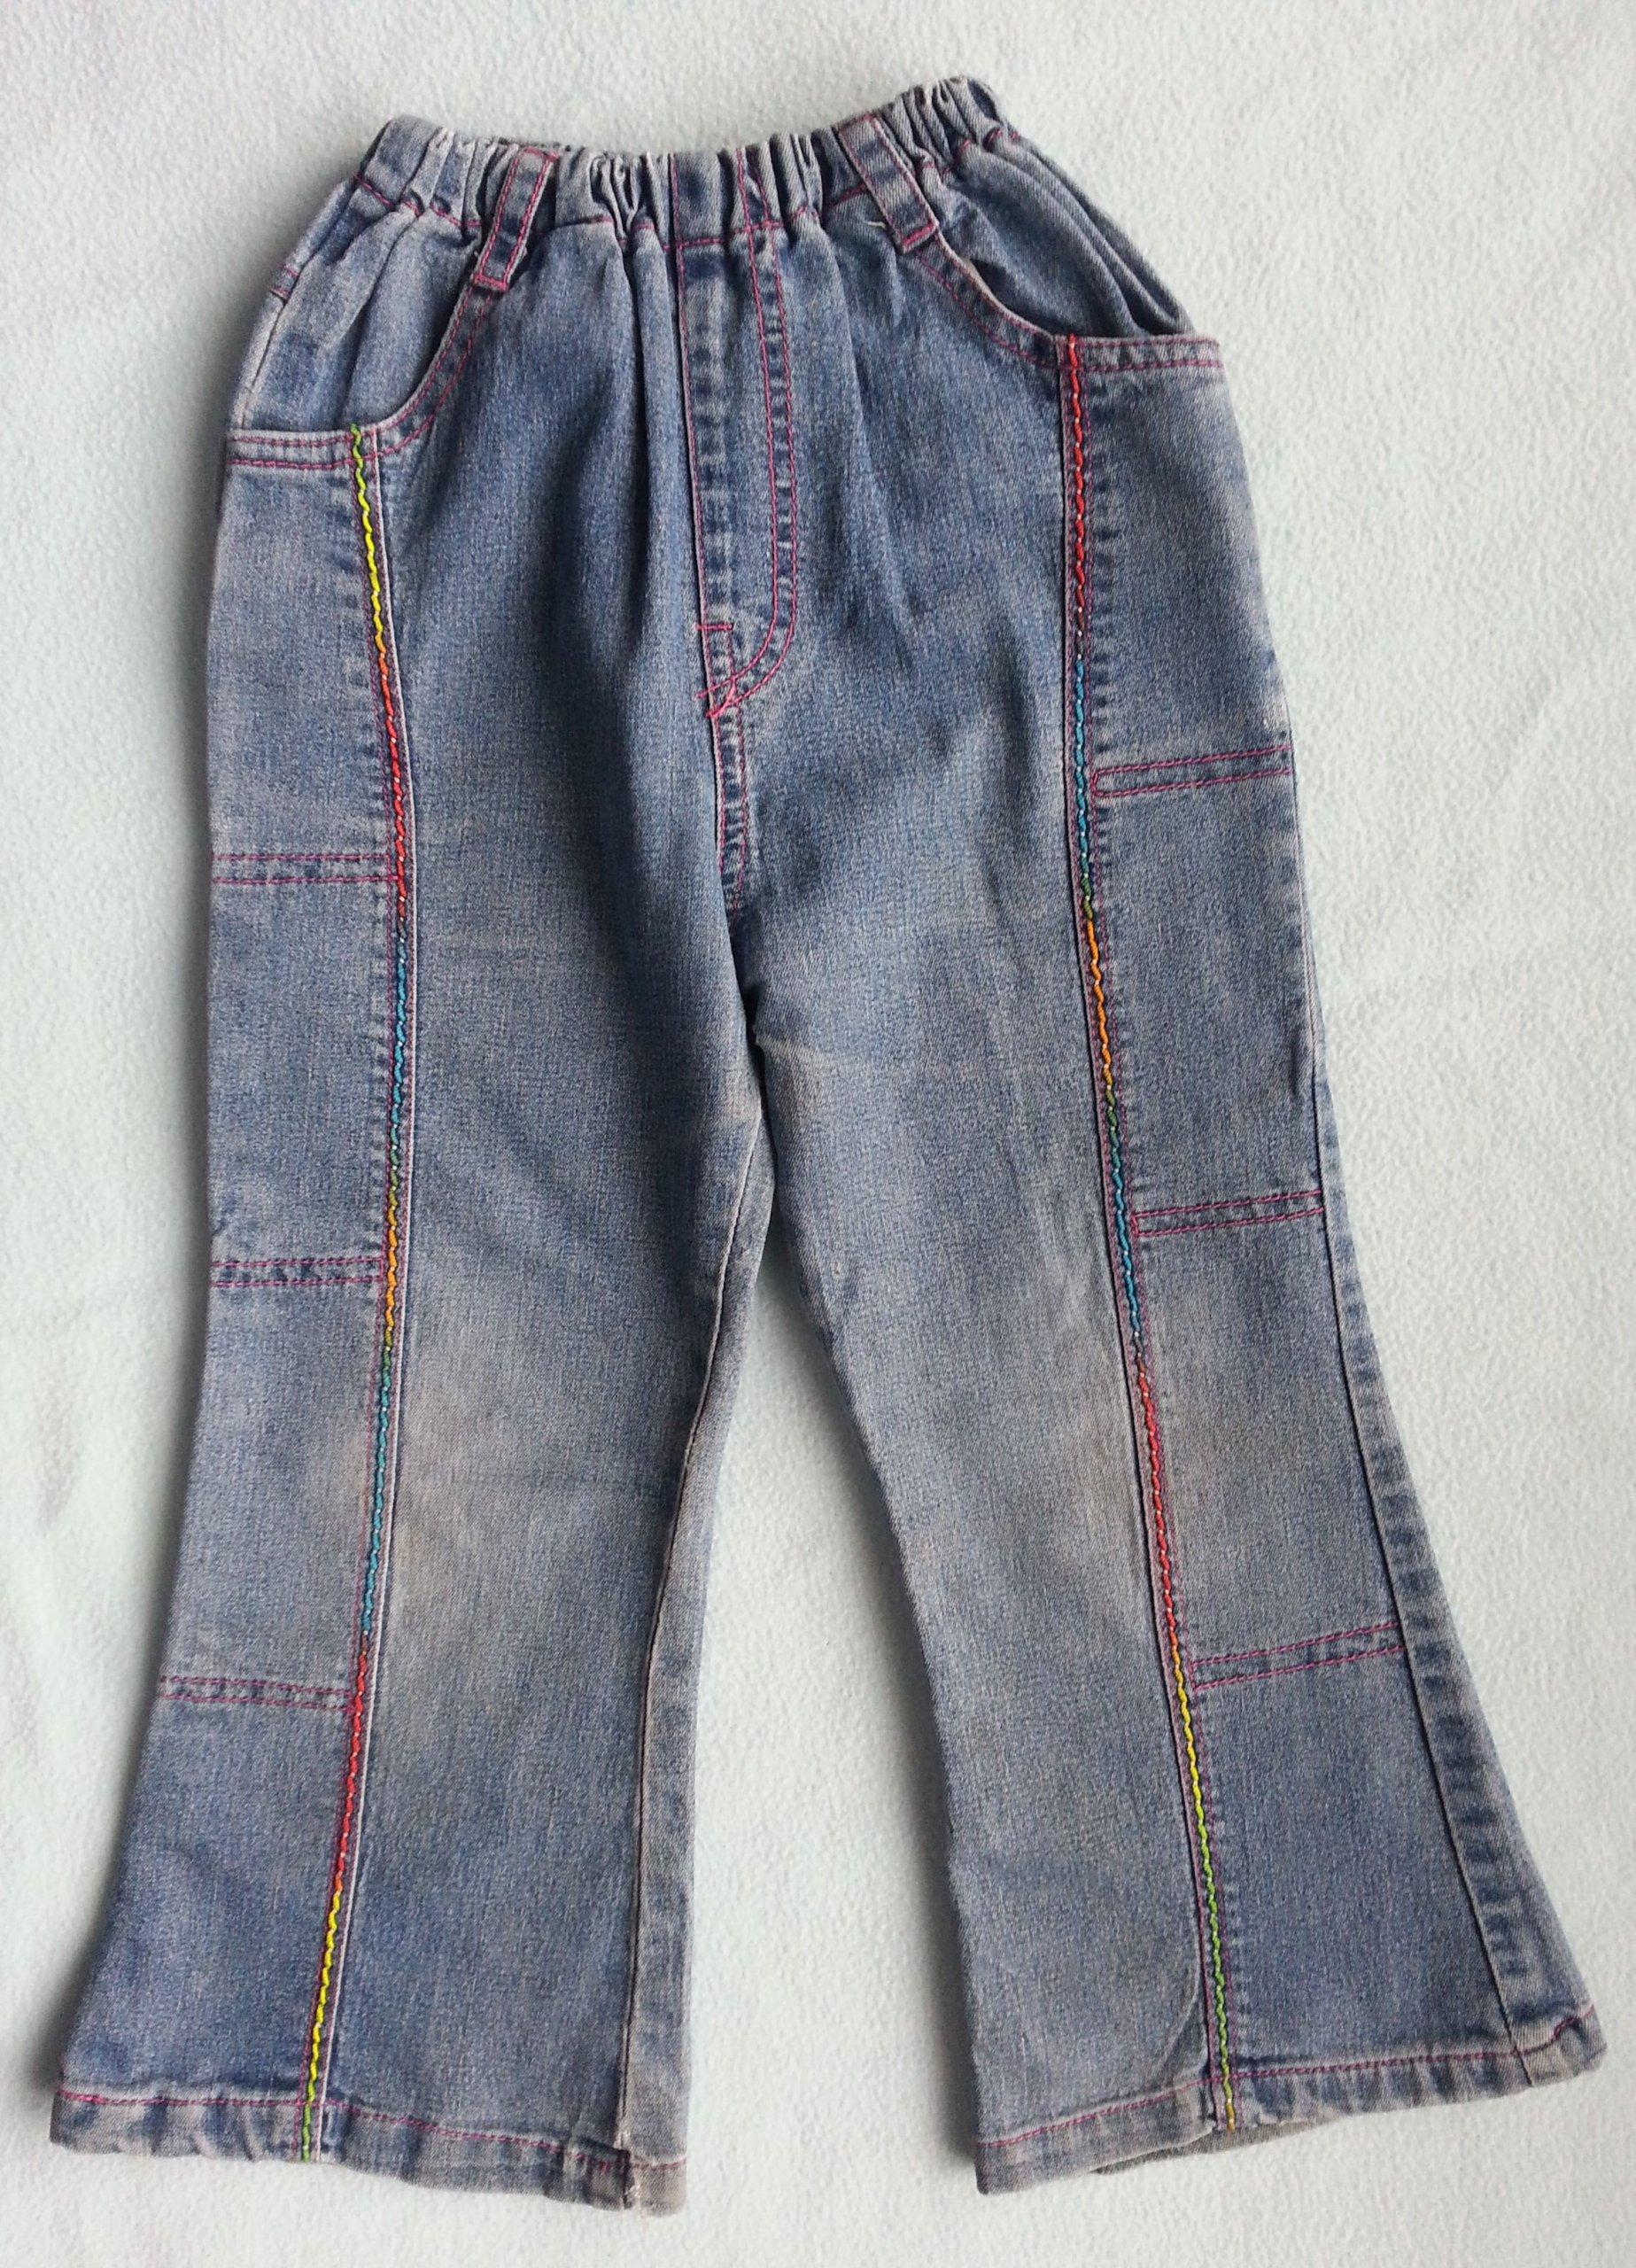 33fae2c6b2b771 jeansowe spodnie dziewczęce rozmiar 110-116 - 7297256187 - oficjalne  archiwum allegro